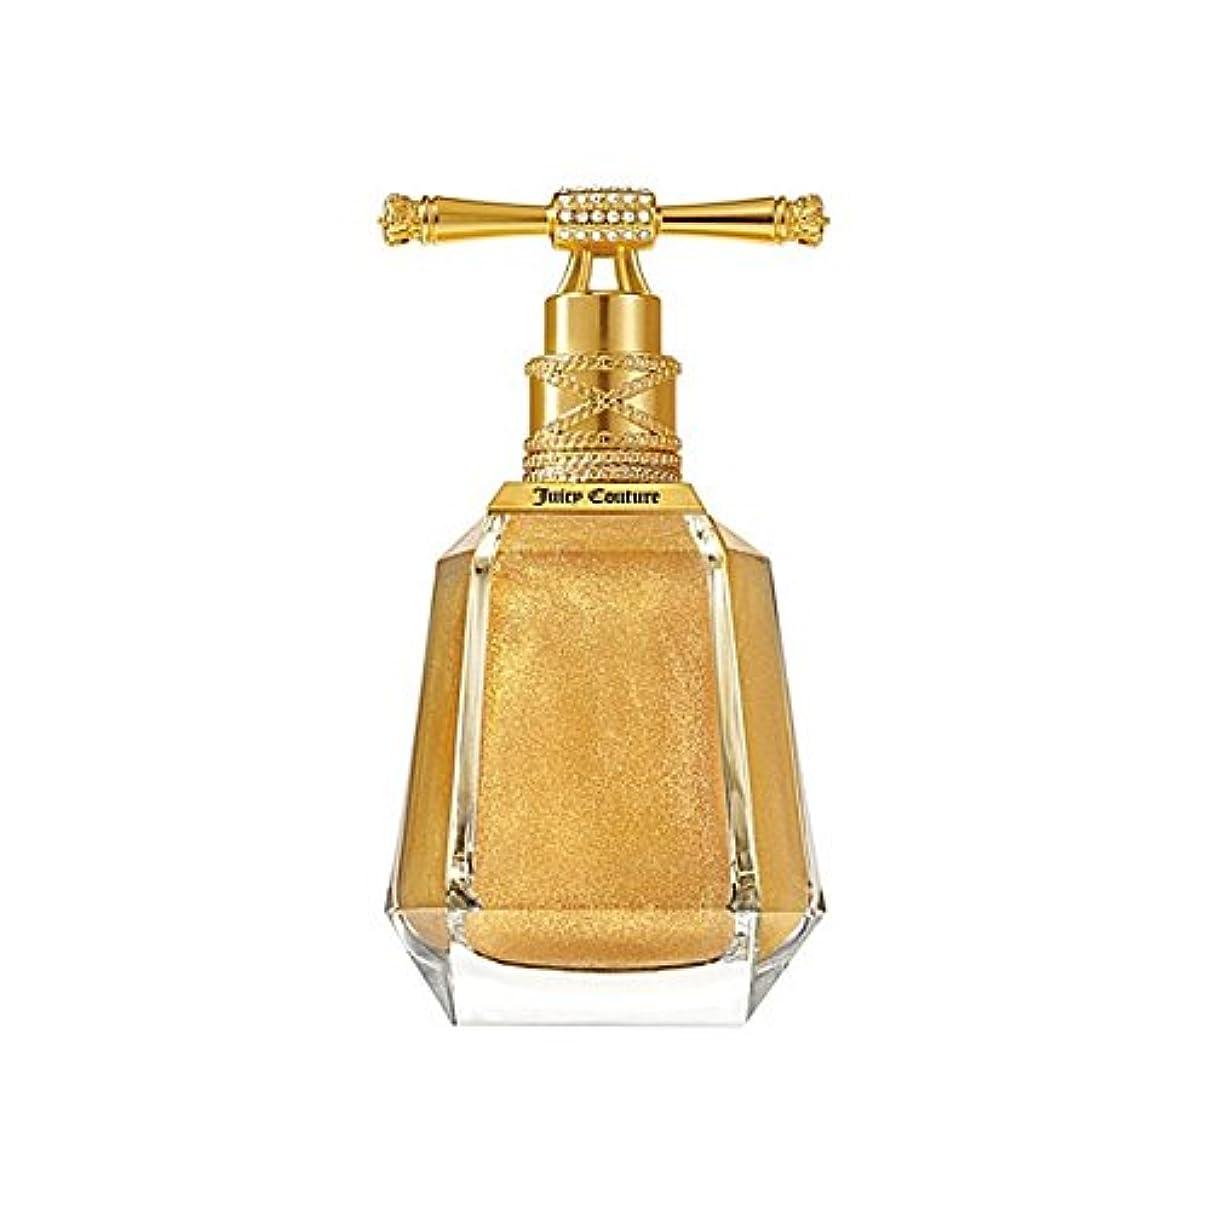 準拠近々おばさんJuicy Couture Dry Oil Shimmer Mist 100ml - ジューシークチュールドライオイルきらめきミスト100ミリリットル [並行輸入品]